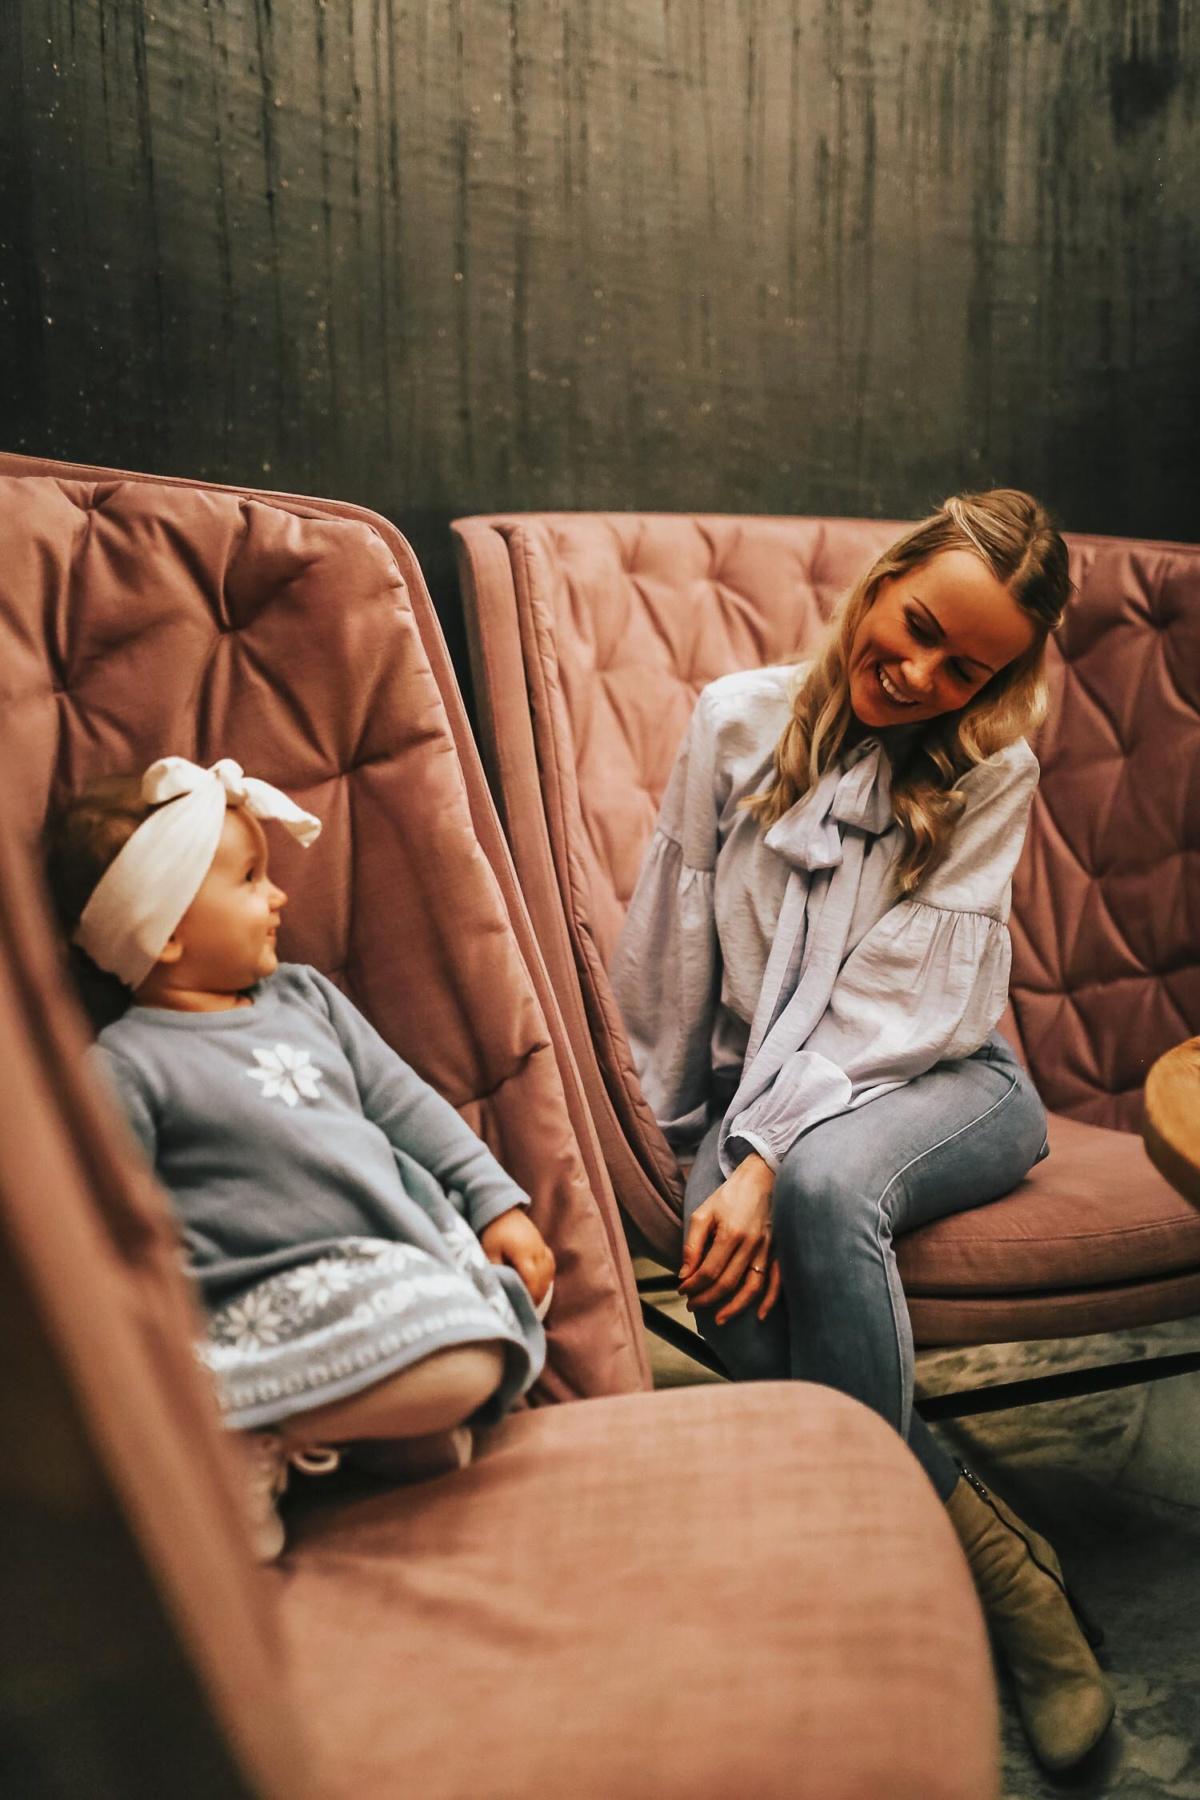 stylingliebe-lifestyleblogger-mamablog-familienblog-muenchen-lifestyleblog-blogger-deutschland-mamablogger-familienblog-bindungsorientierte-erziehung-vertraue-auf-dich-2